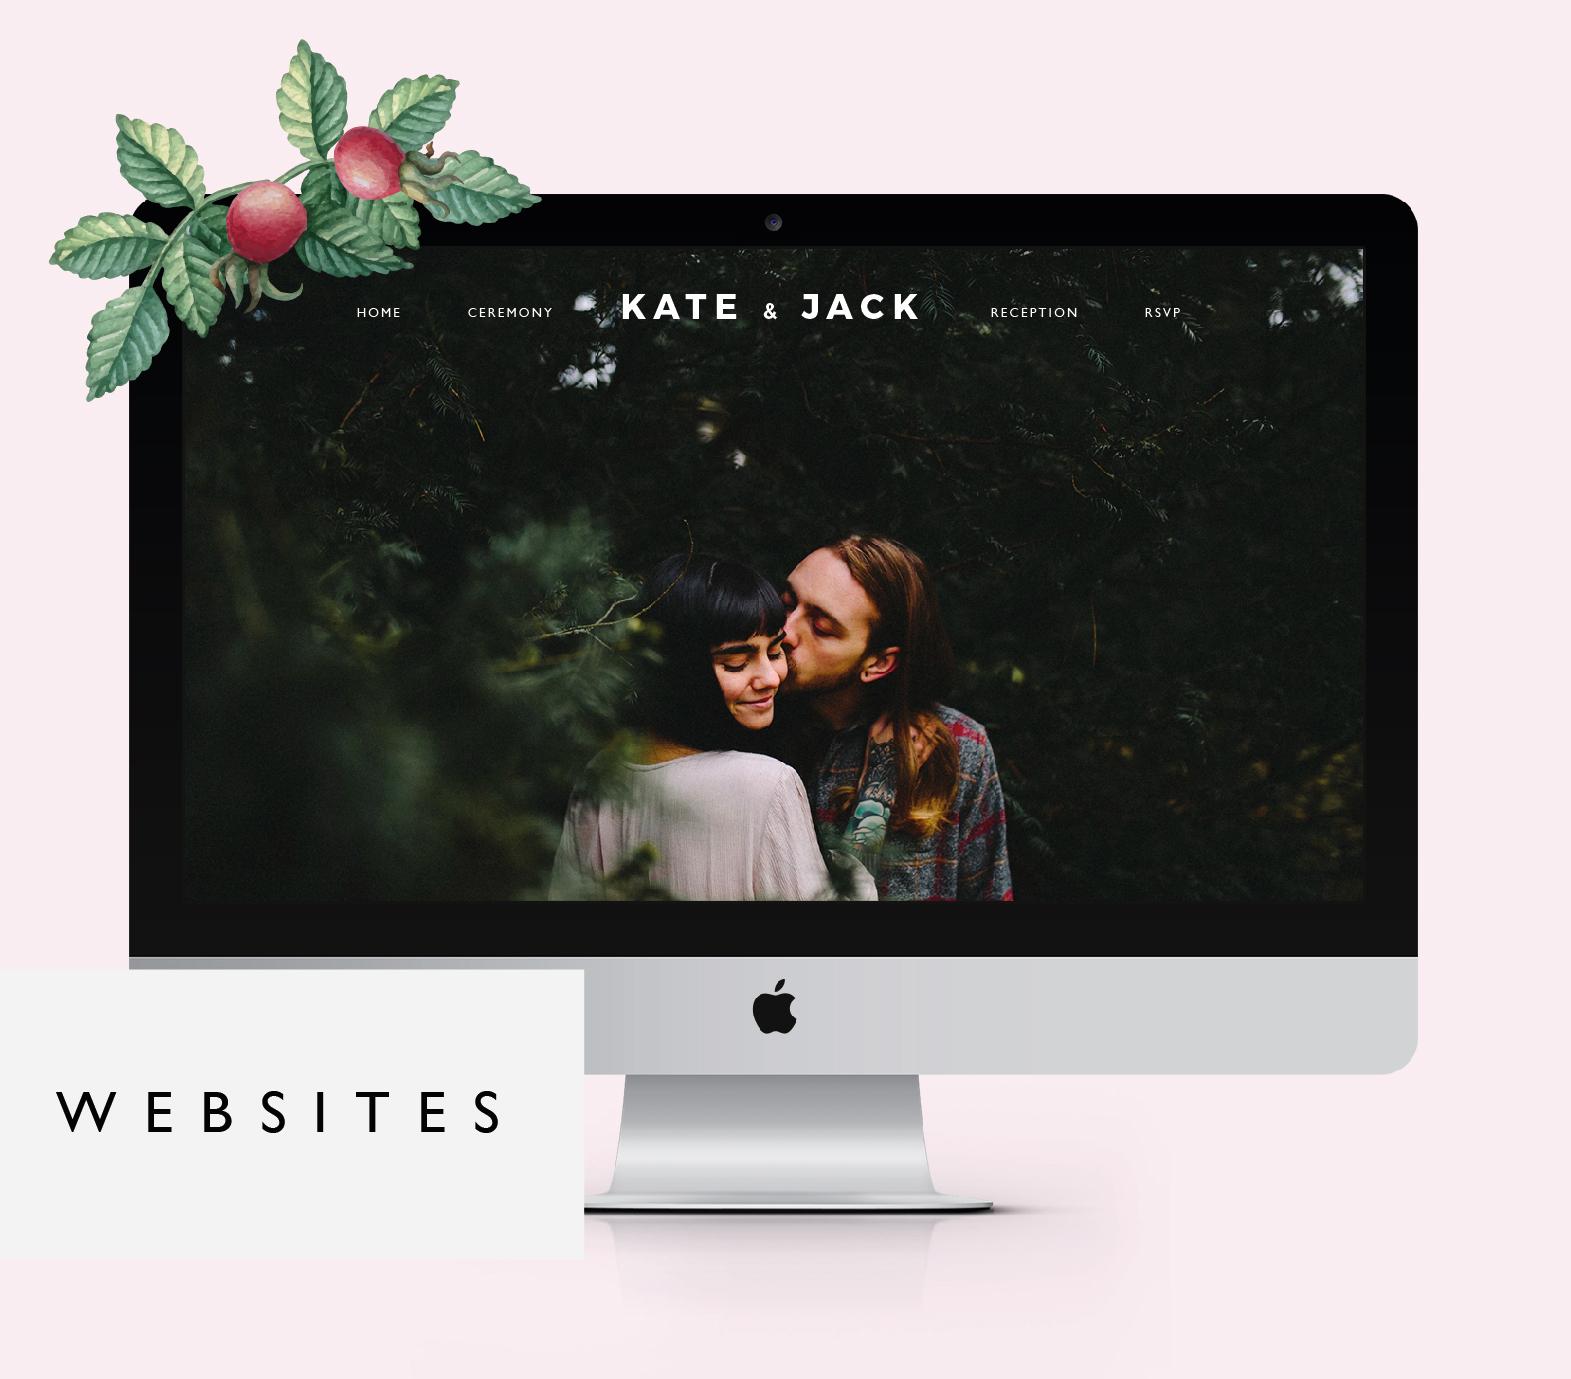 websites-icon-01.jpg